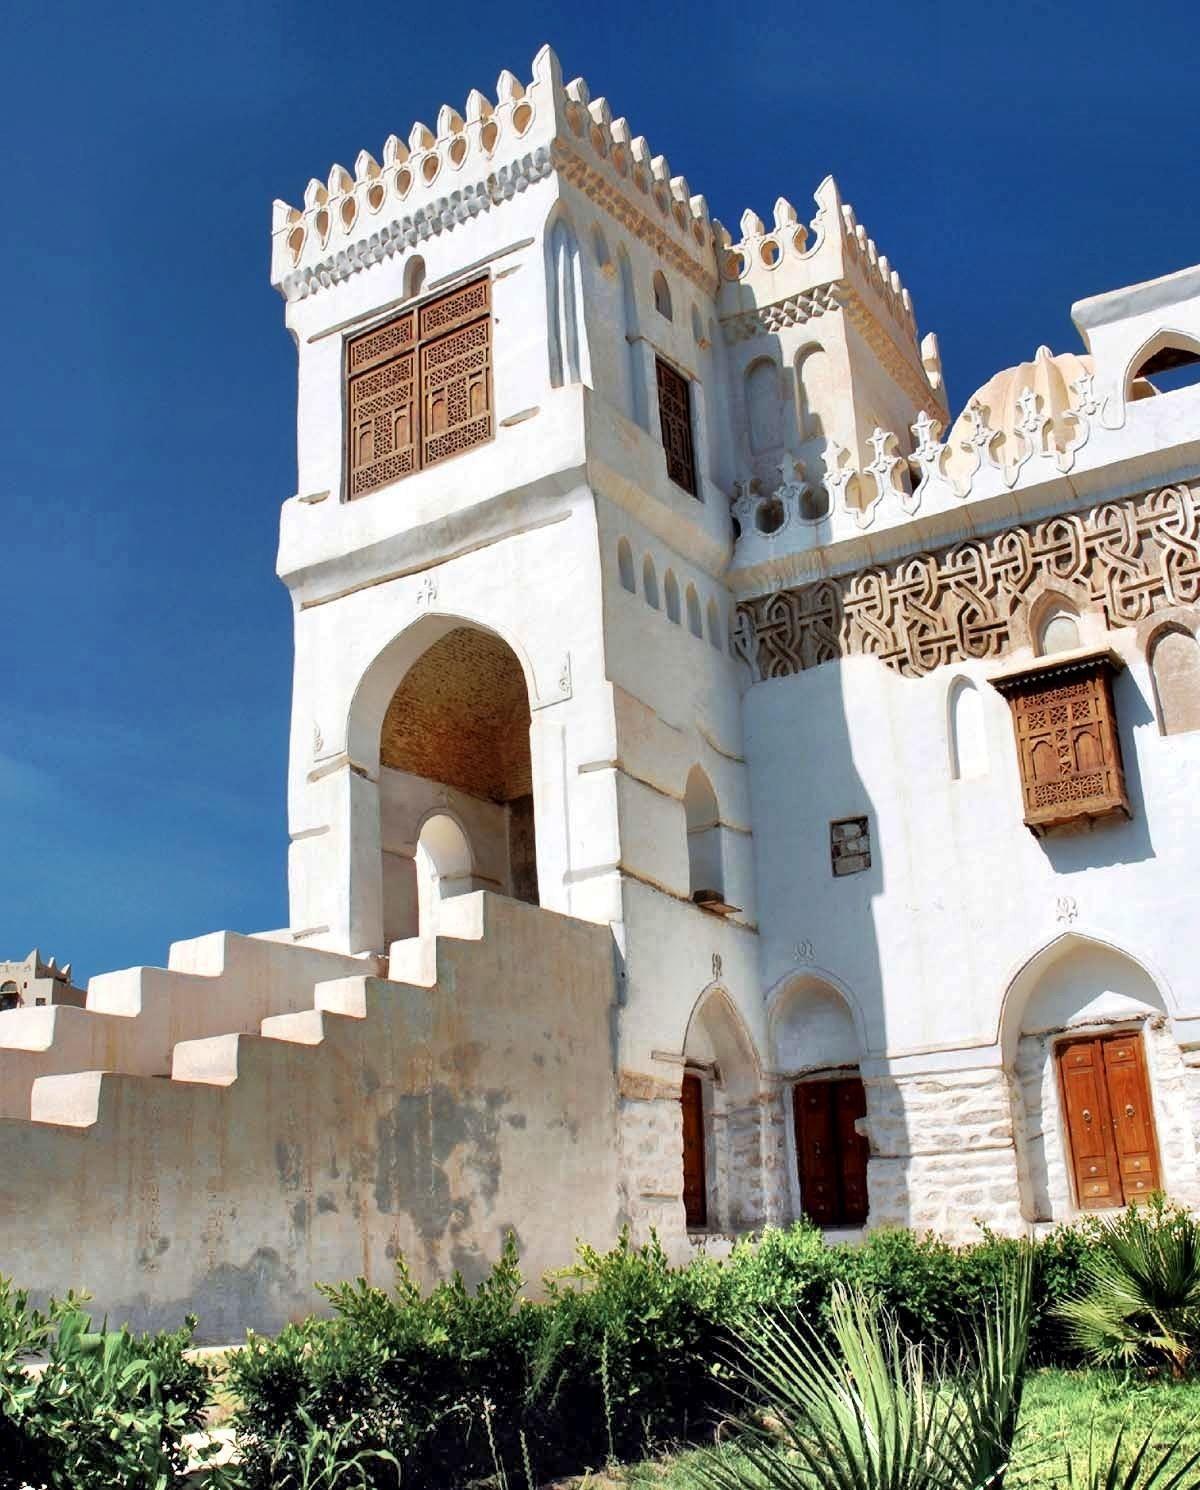 Yemen Art Architecture Amiriya Complex Rada A Yemen Built In 16th Century Interior Architecture Design Art And Architecture Yemen